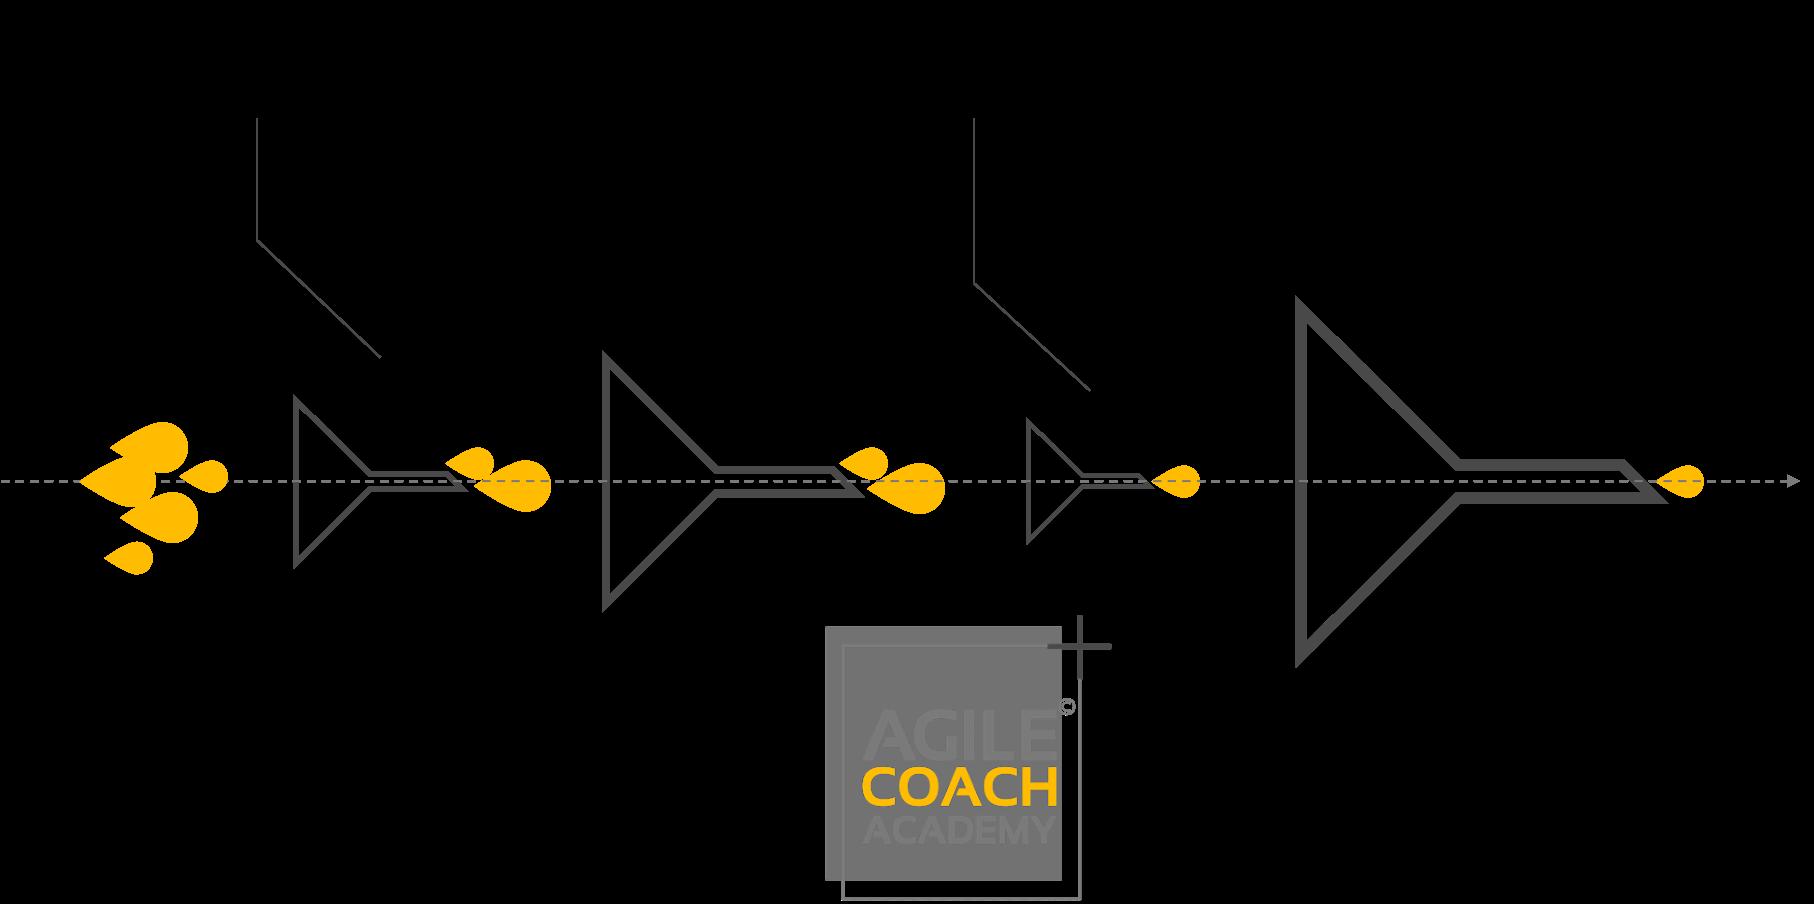 flaschenhals vs constraint